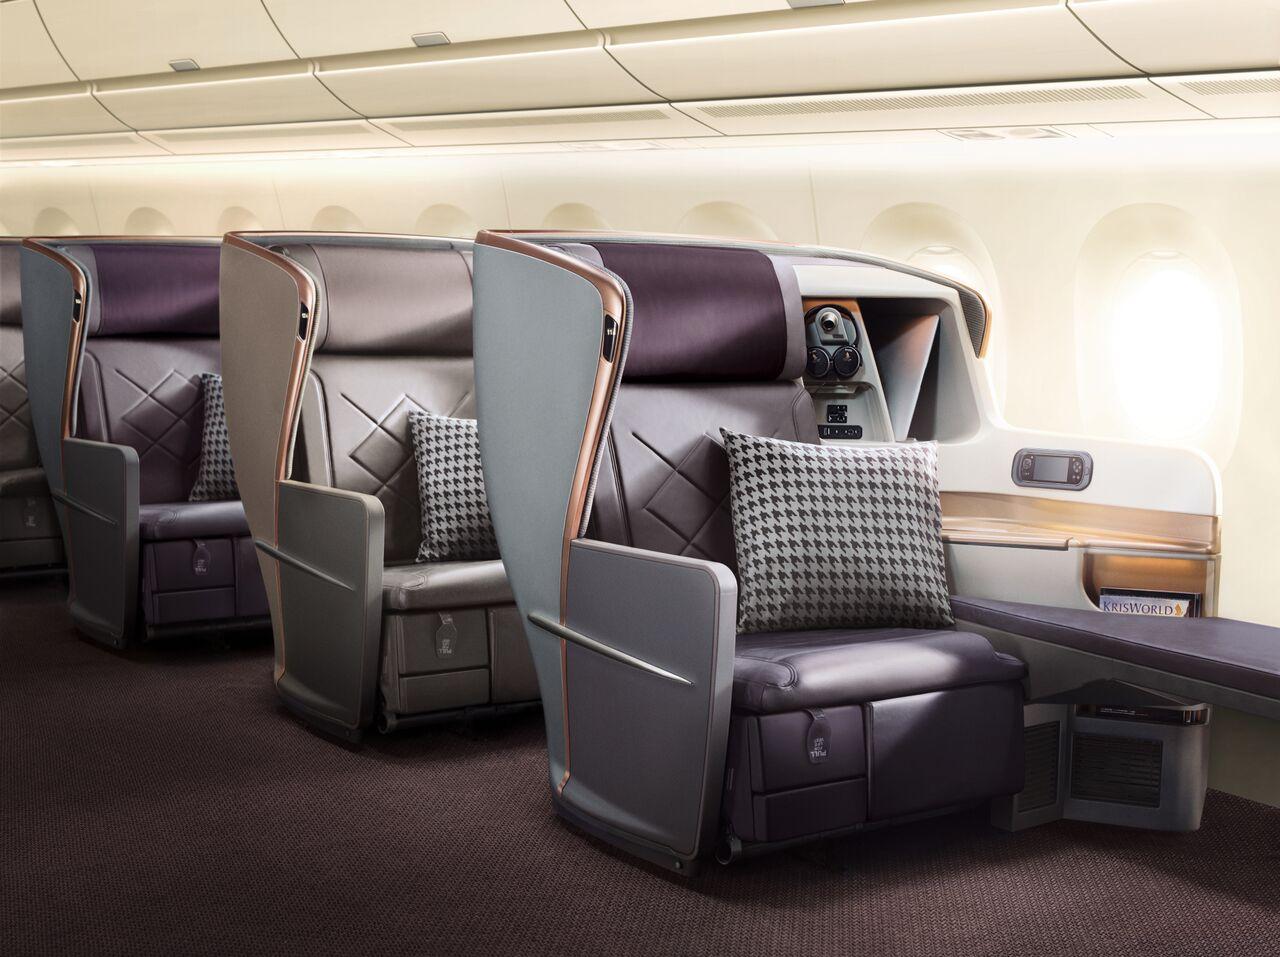 Singapore A350ULR Business Class